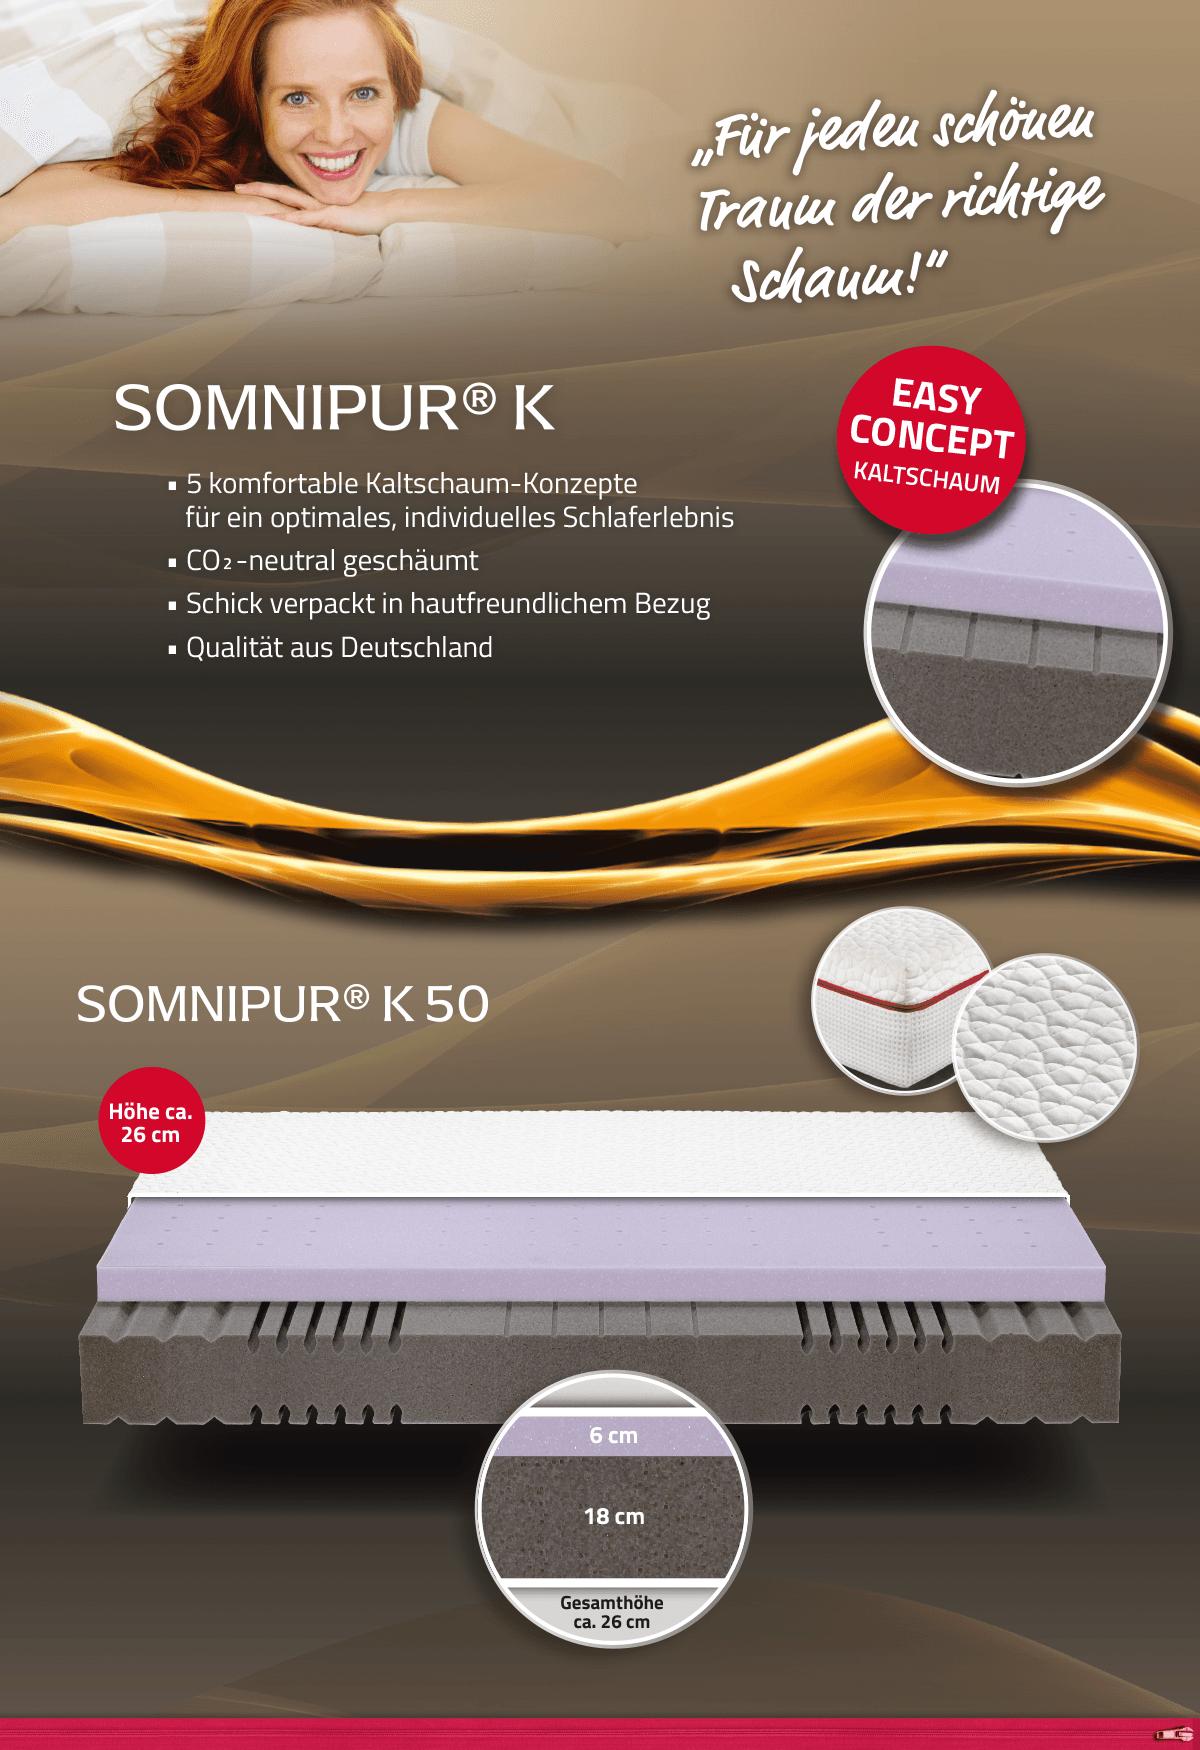 Somnipur K50 – Innenansicht